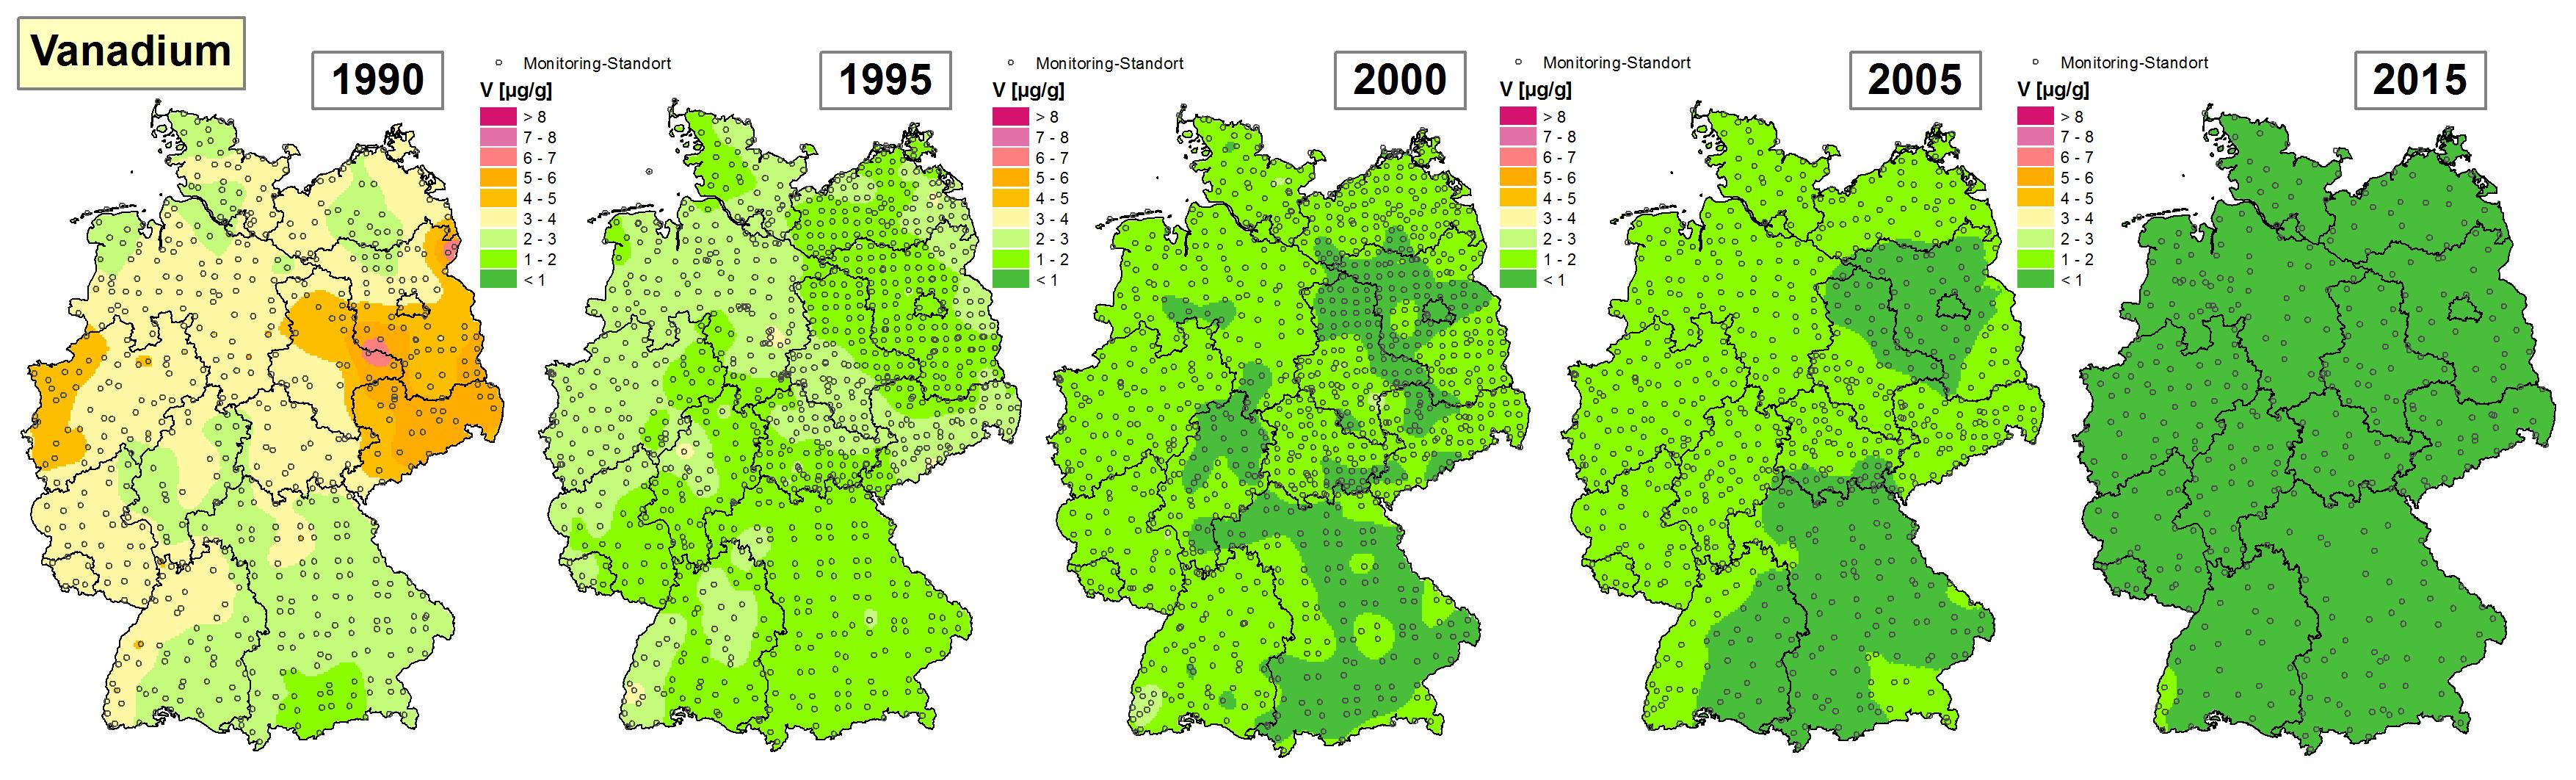 Die Grafik zeigt die Höhe der Bioakkumulation von Vanadium und Entwicklung dieser Konzentration von 1990 bis 2015/16 in Deutschland.